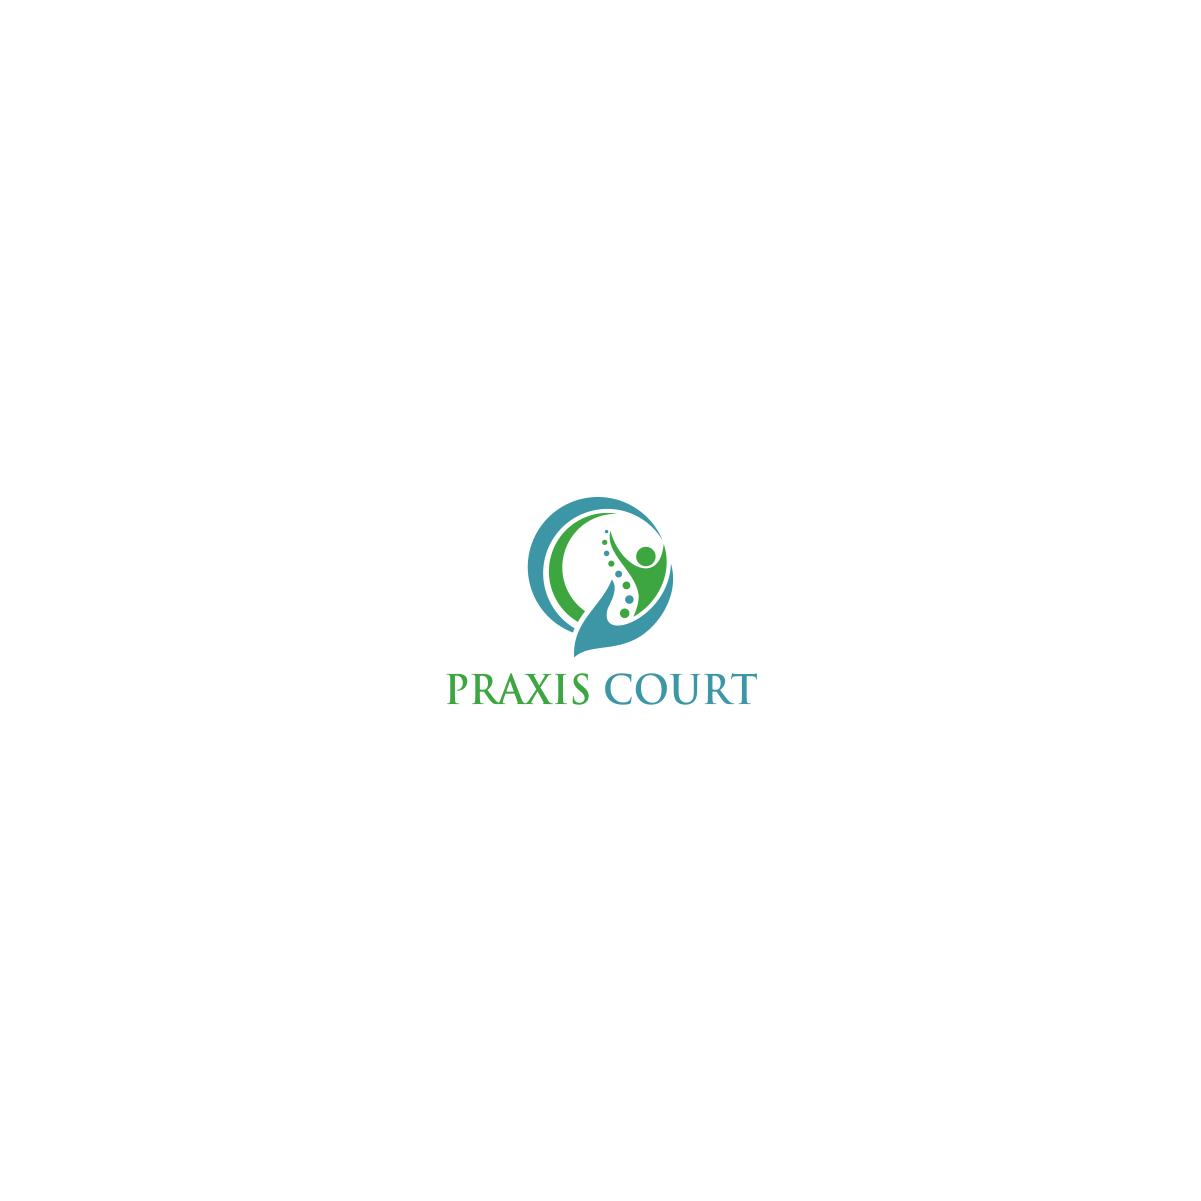 Heilpraktikerin/ Physiotherapeutin sucht Logo für eigene Praxis